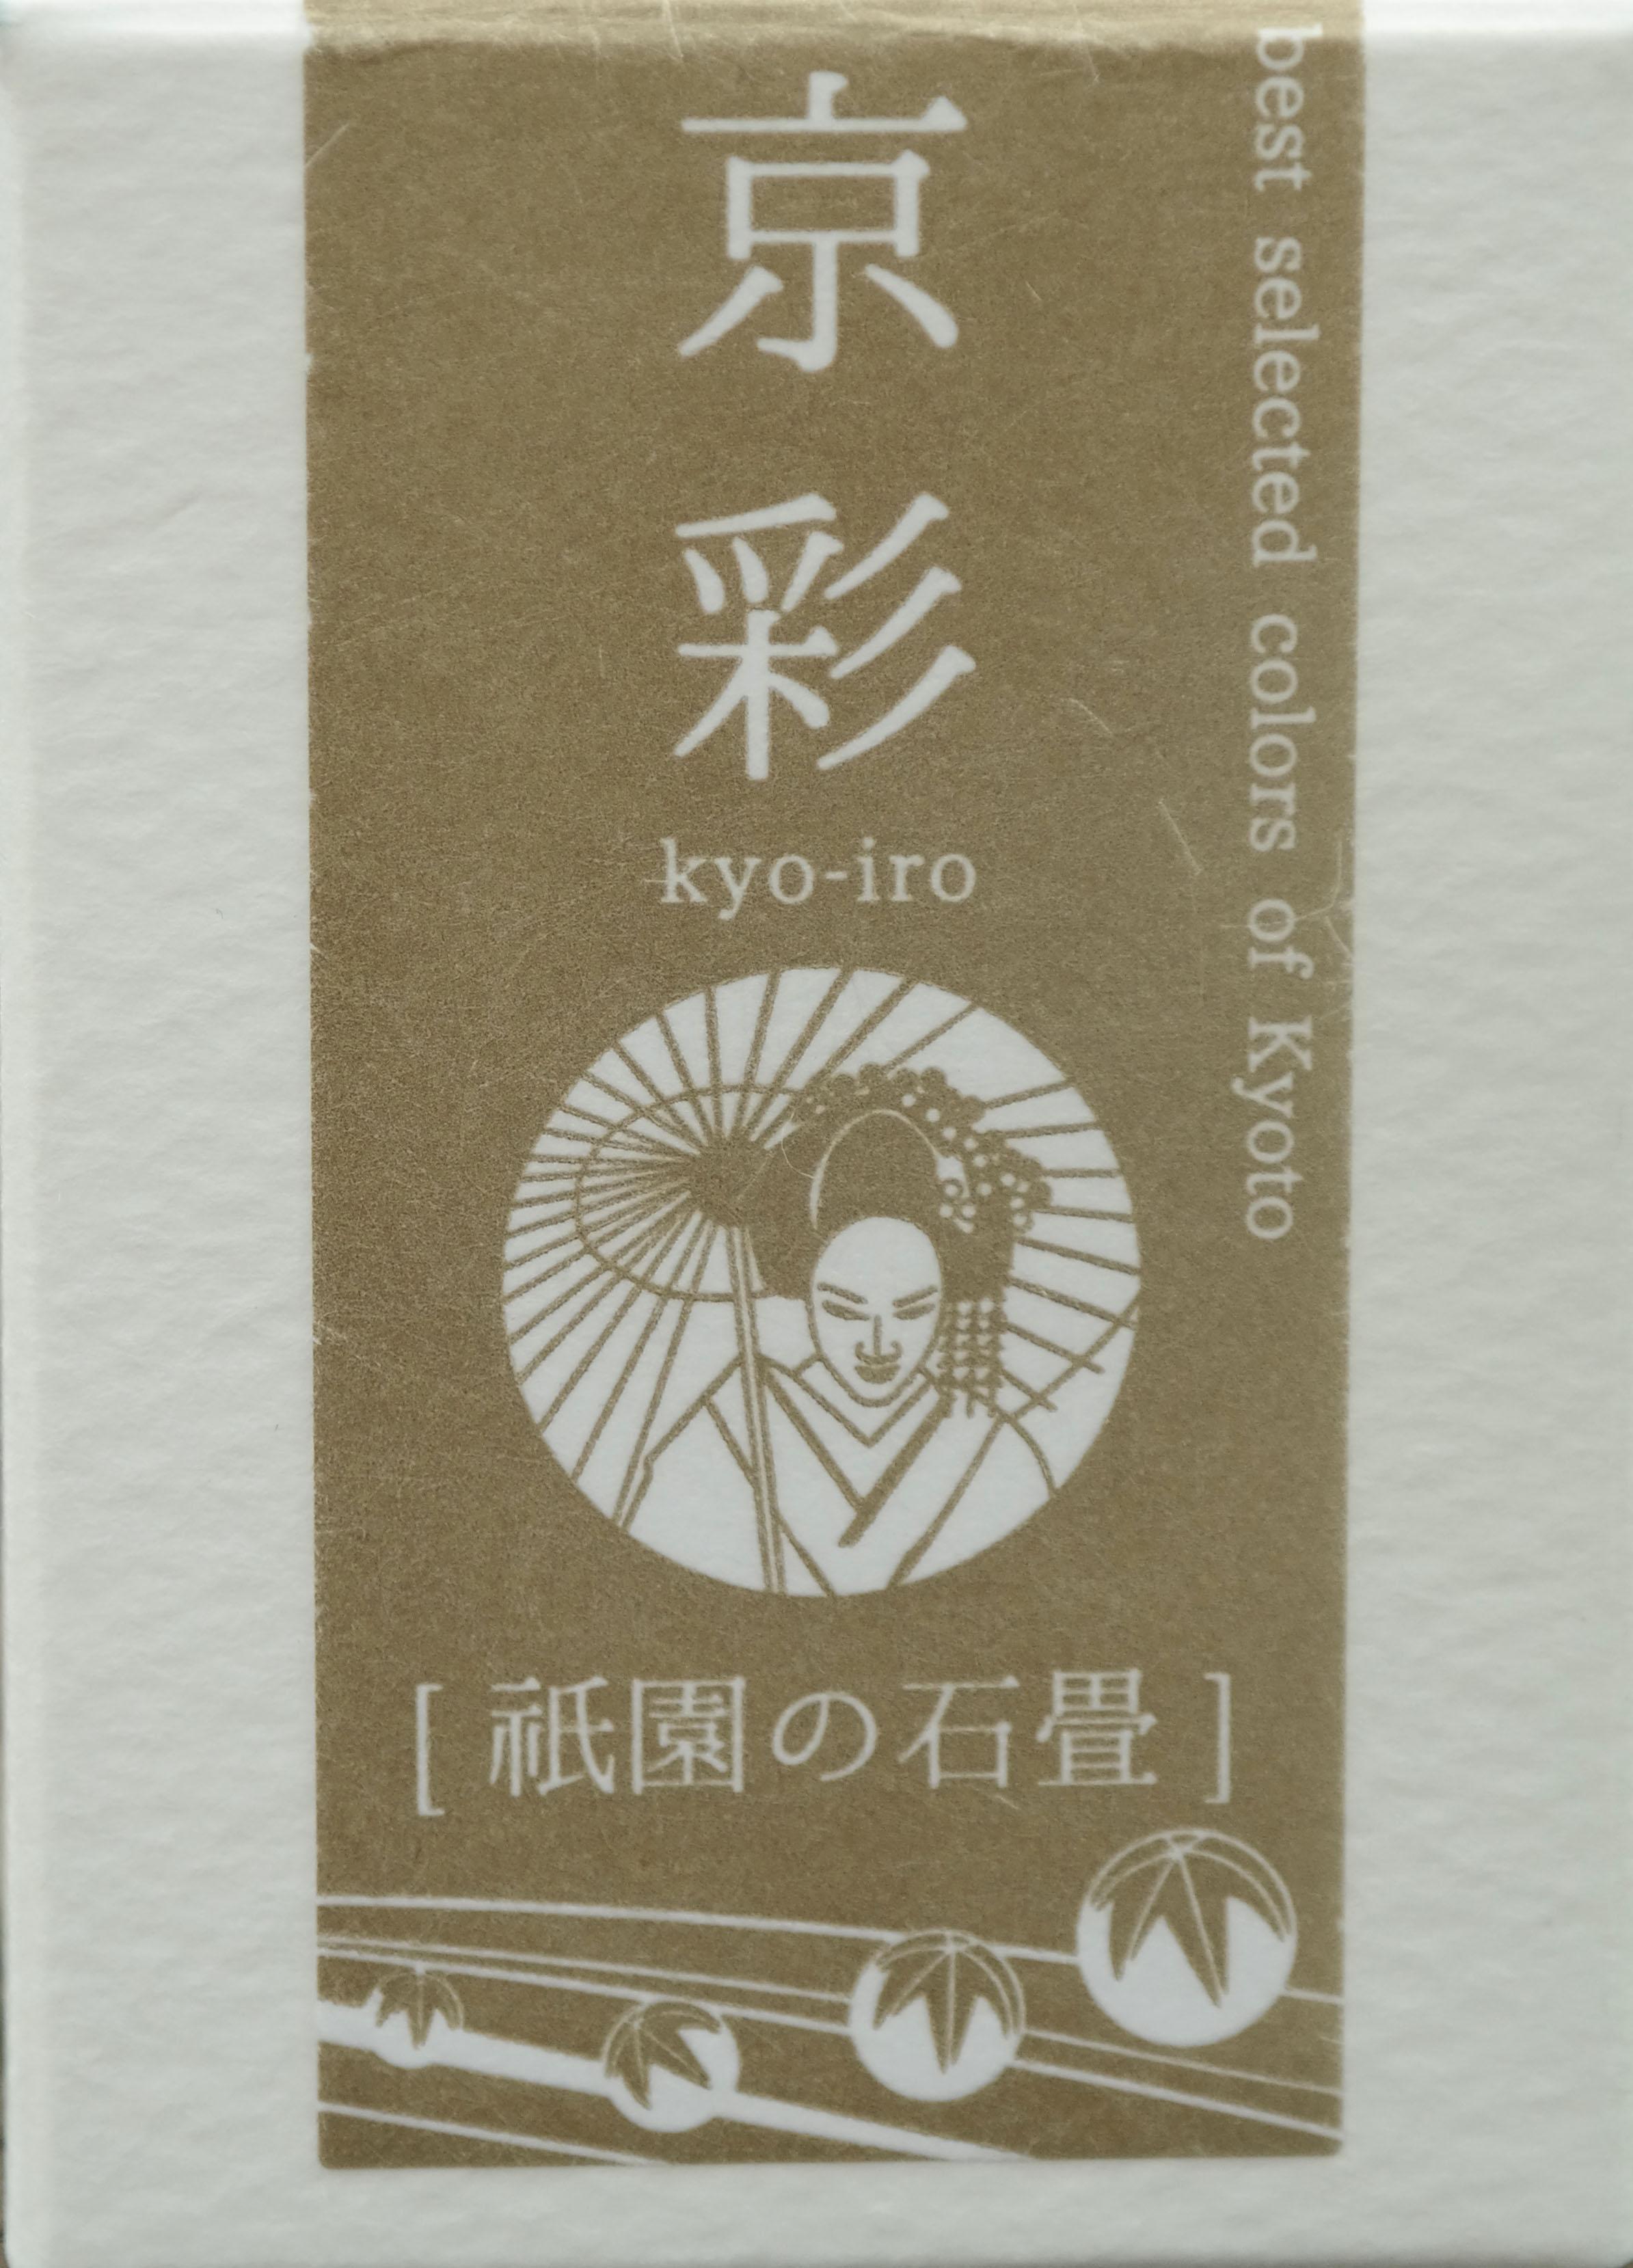 fpn_1463686584__kyoiro.jpg